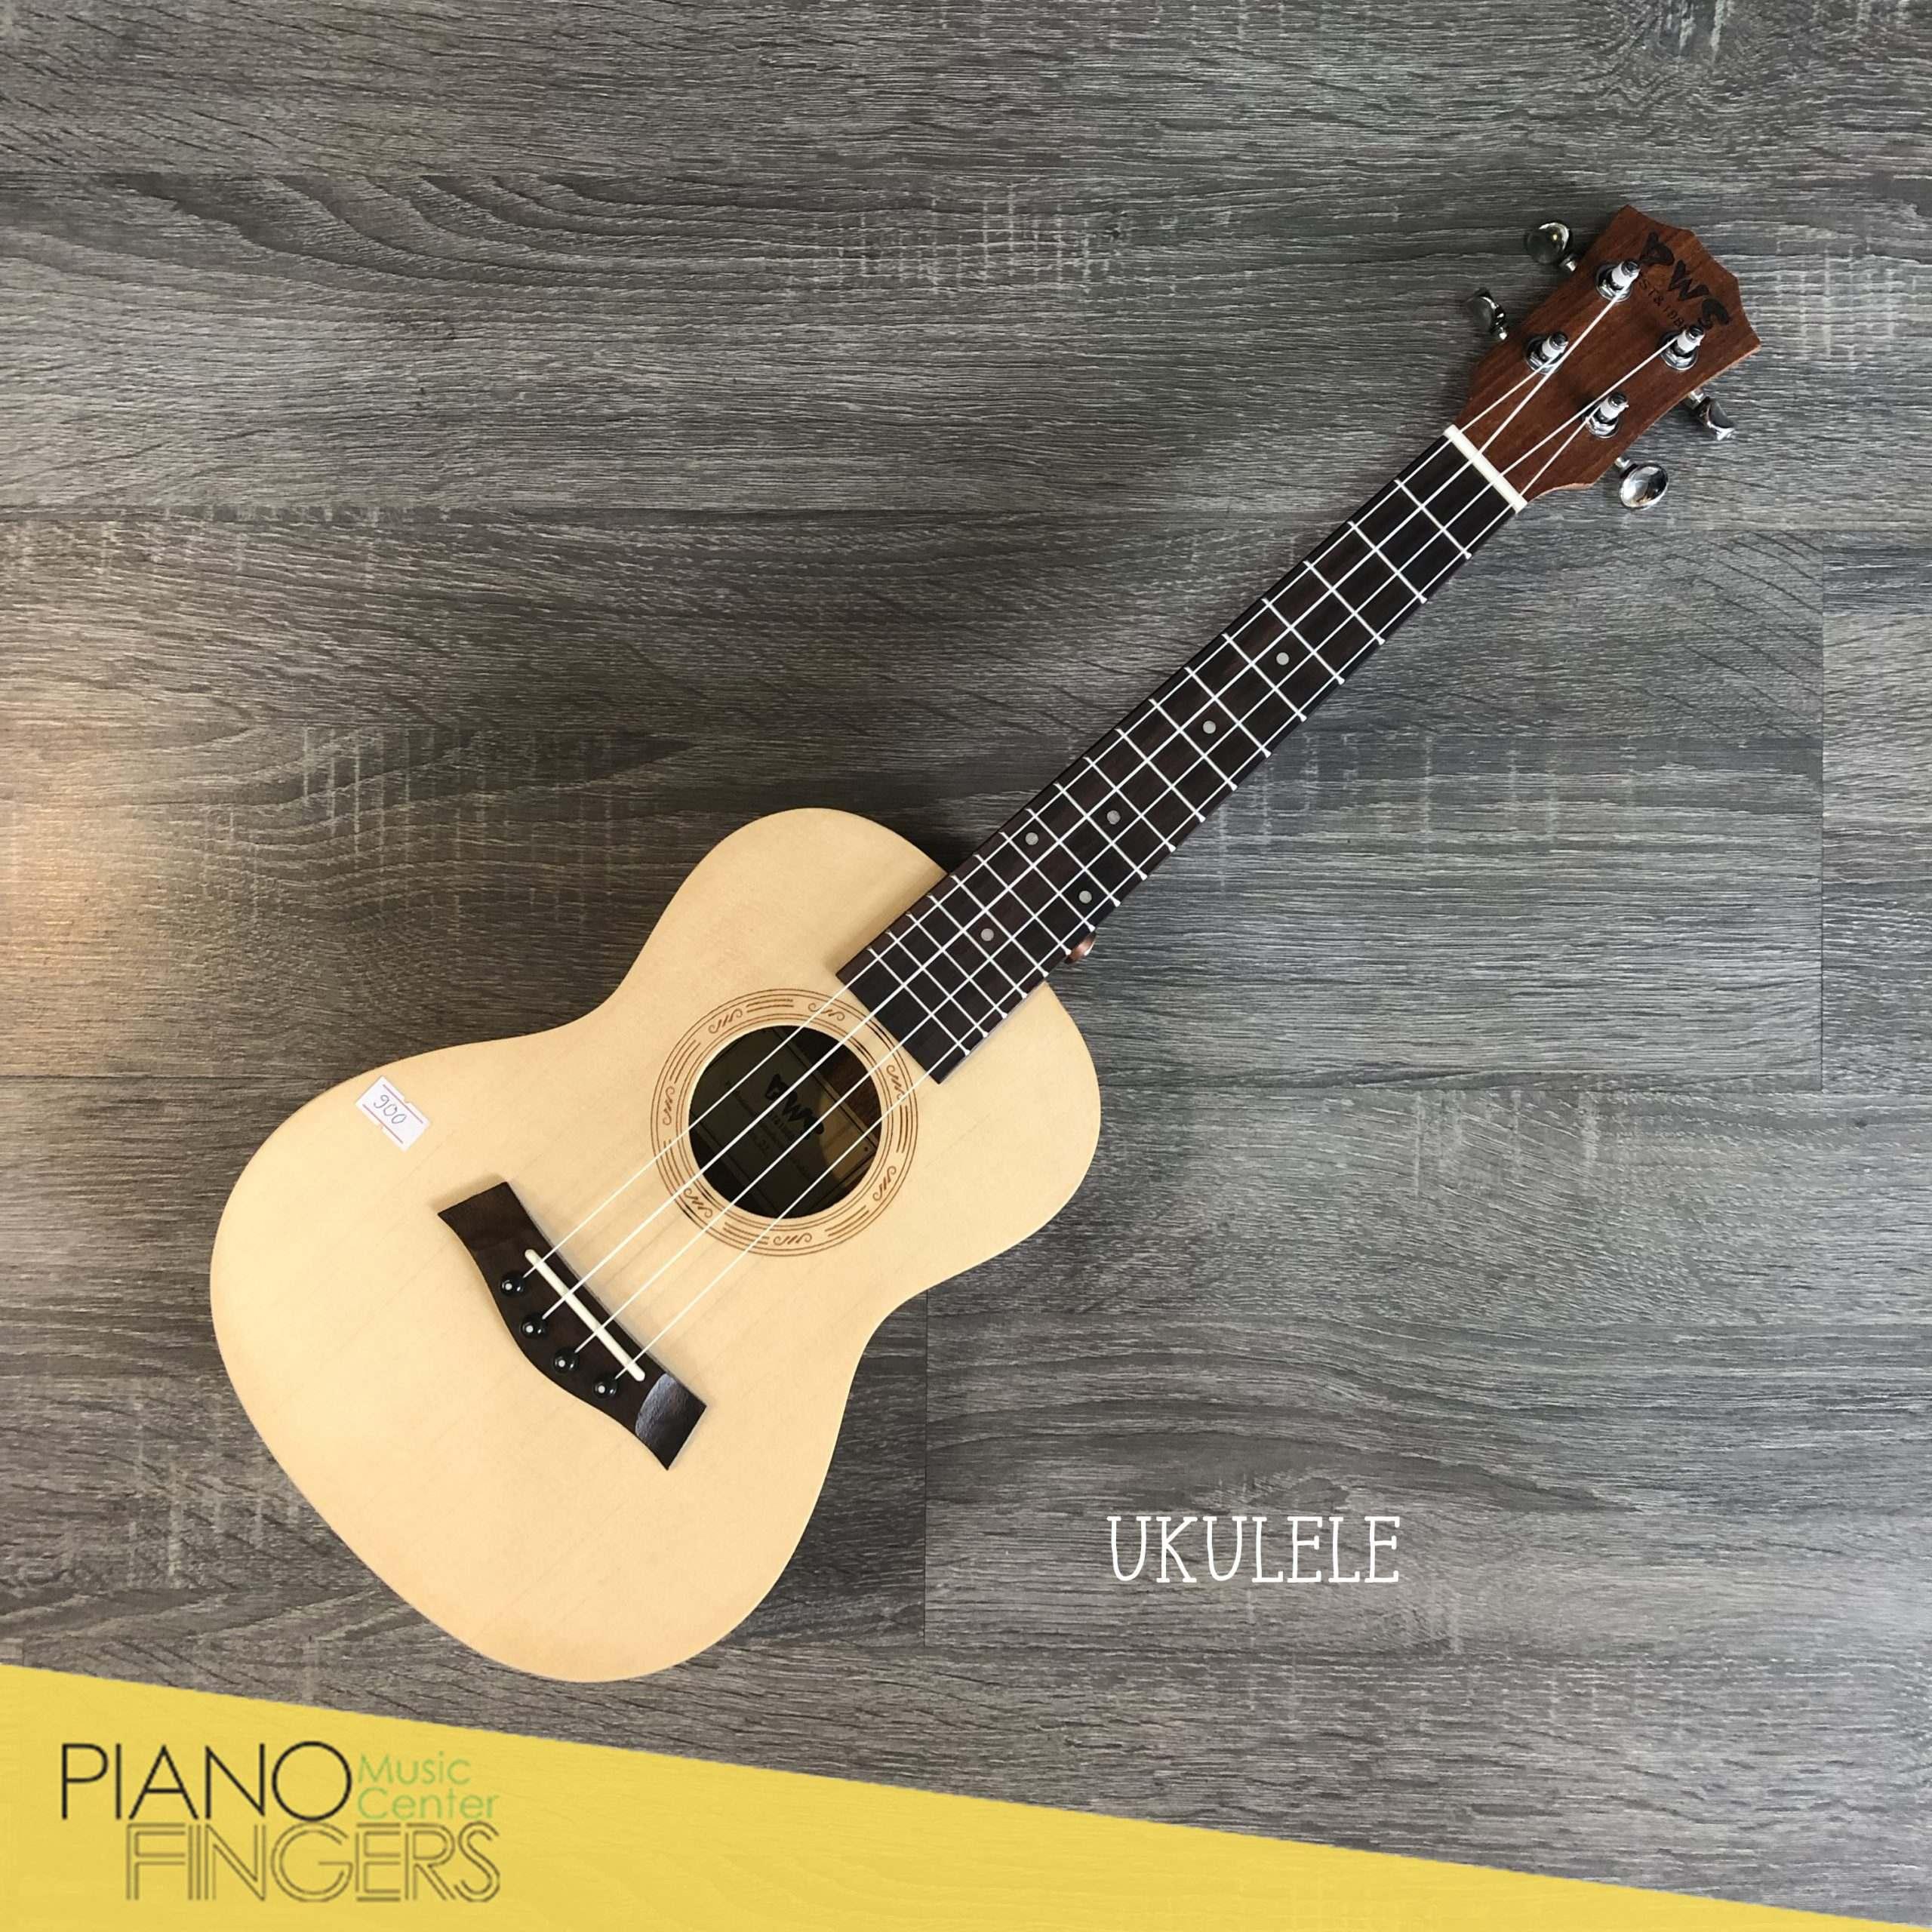 huong-dan-chon-dan-guitar-cho-tre-nho-7